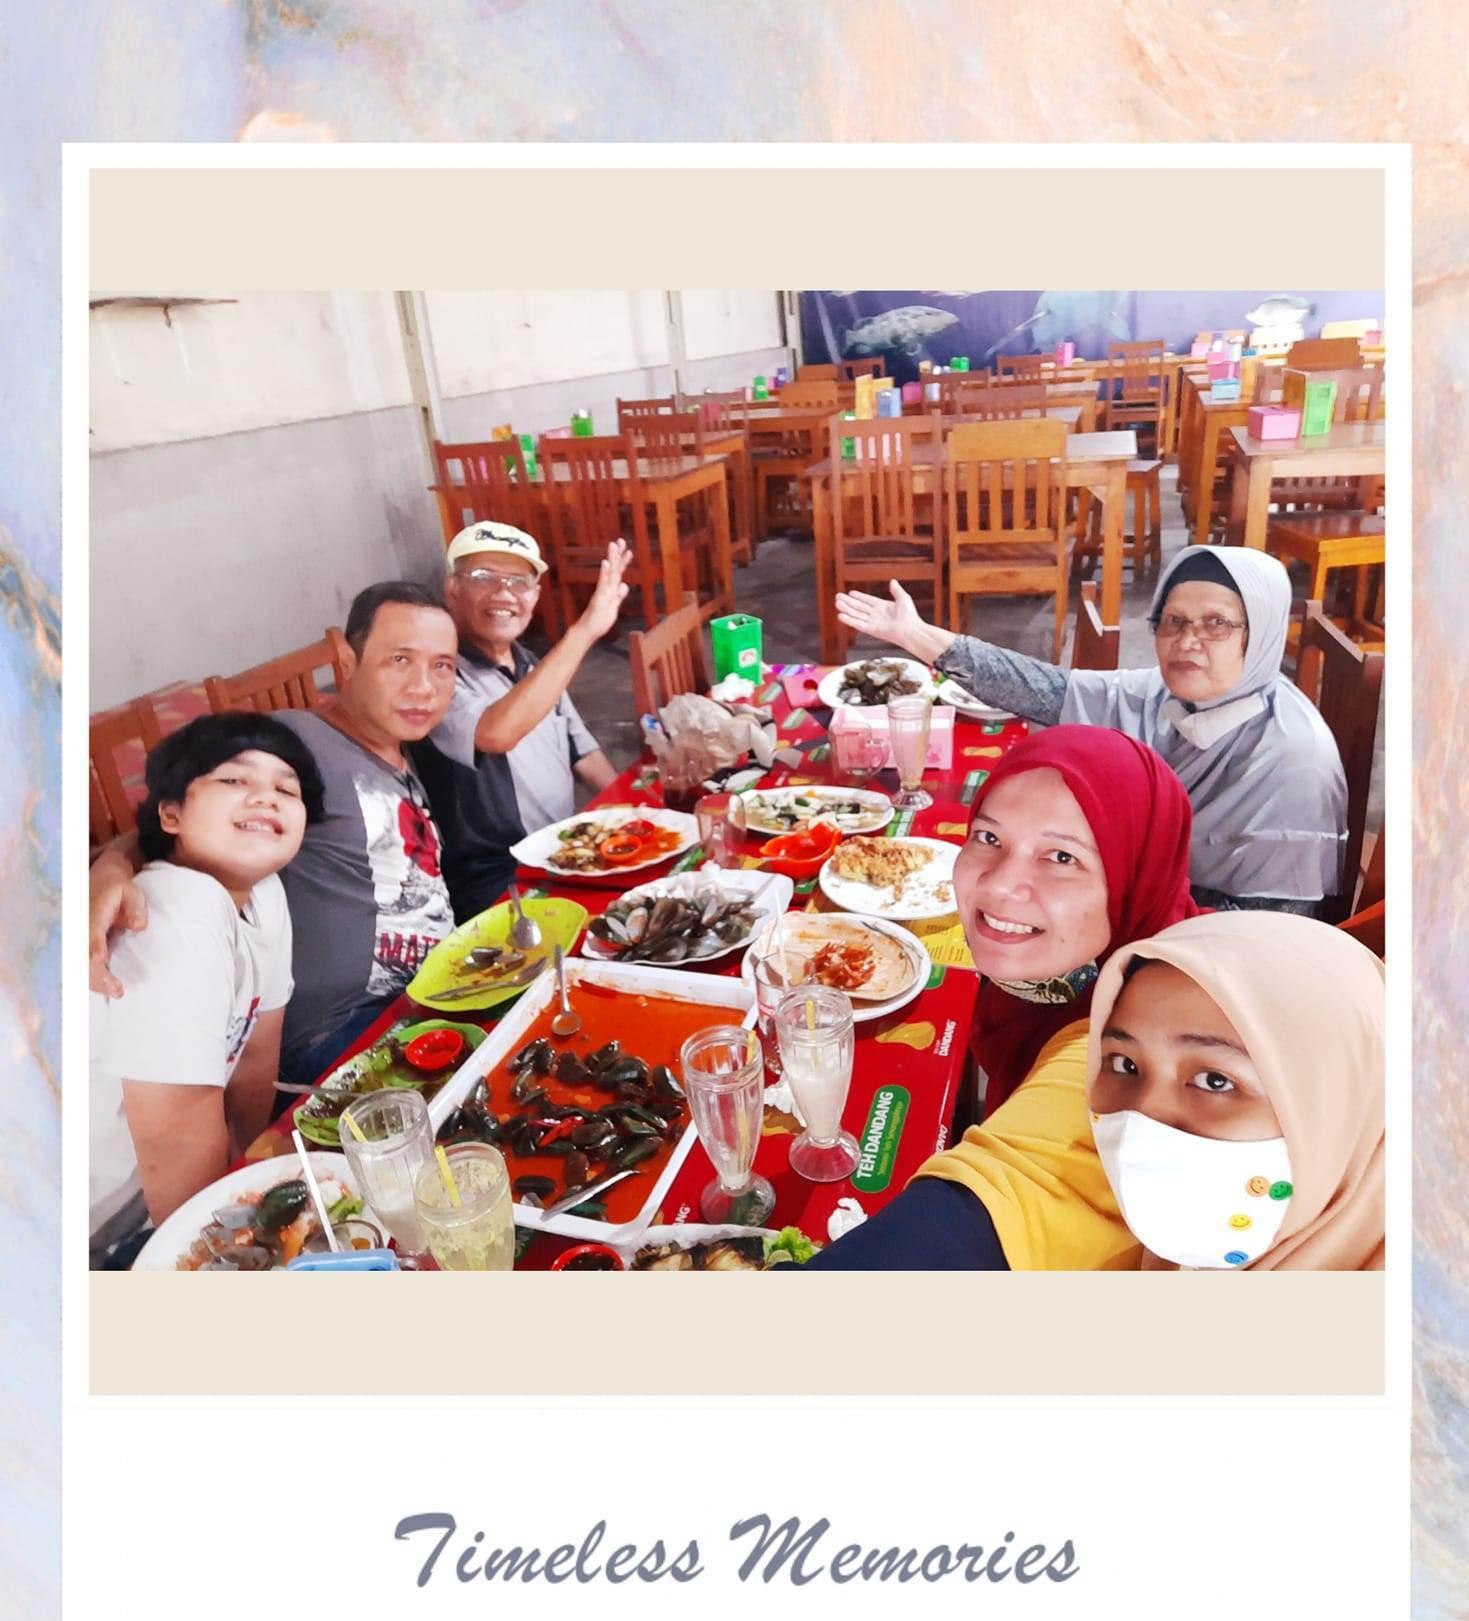 Bandar Ikan Jakarta Restoran Seafood Lezat dan Murah di Bogor Nurul Sufitri Travel Lifestyle Culinary Blog Review